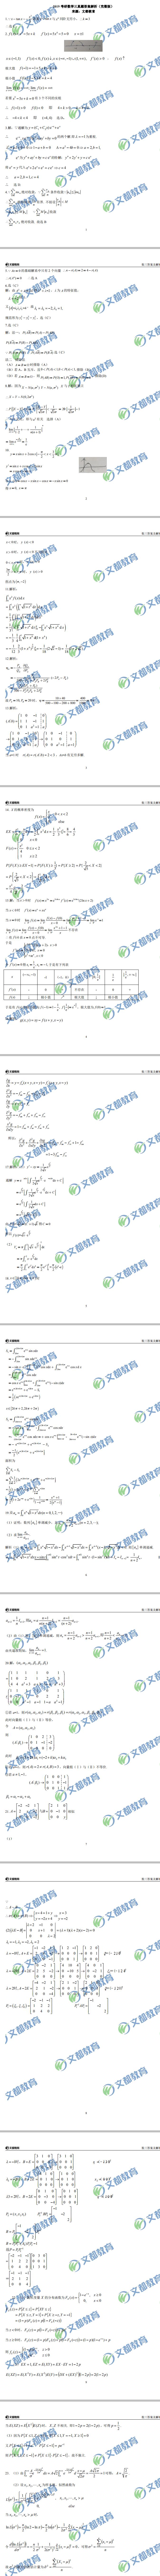 考研数学三真题答案解析